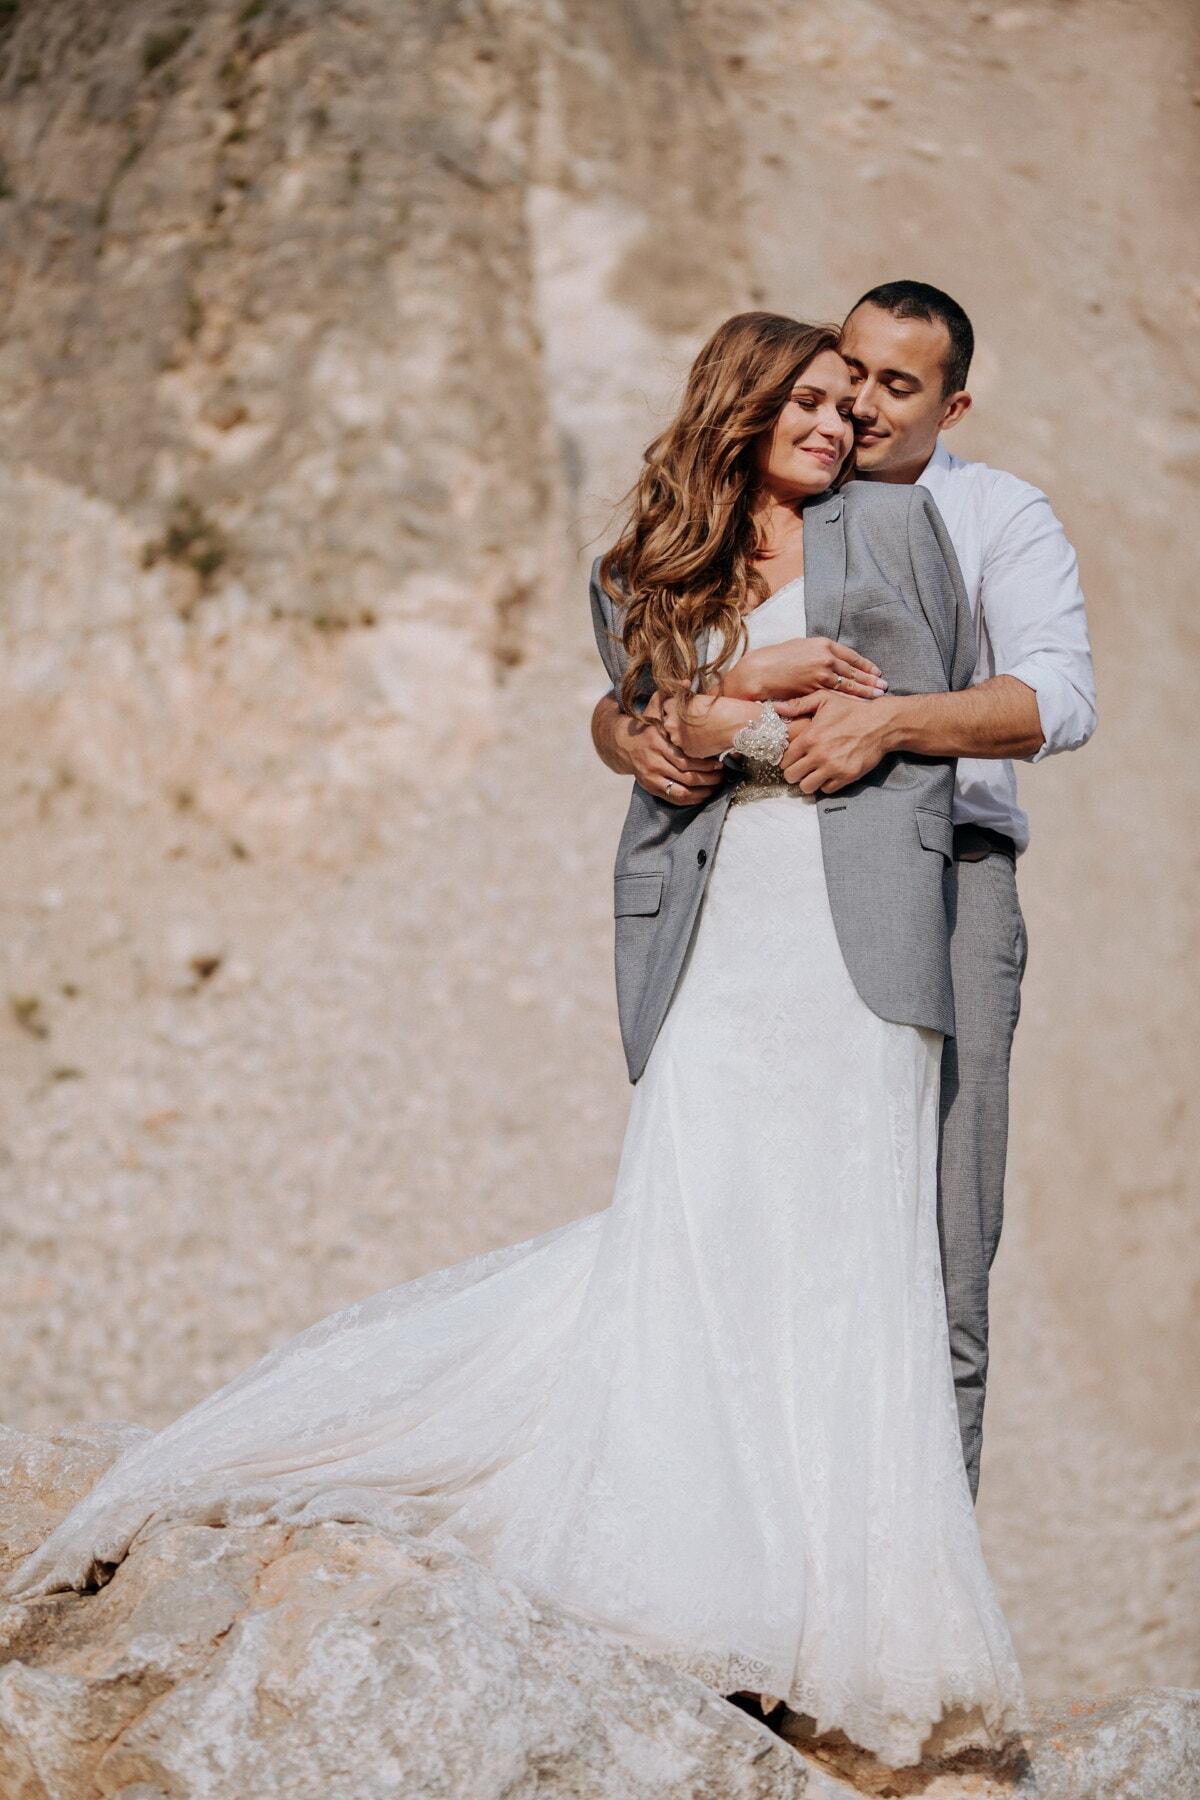 amour, homme, femme, étreindre, Canyon, montagne, falaise, la mariée, jeune marié, robe